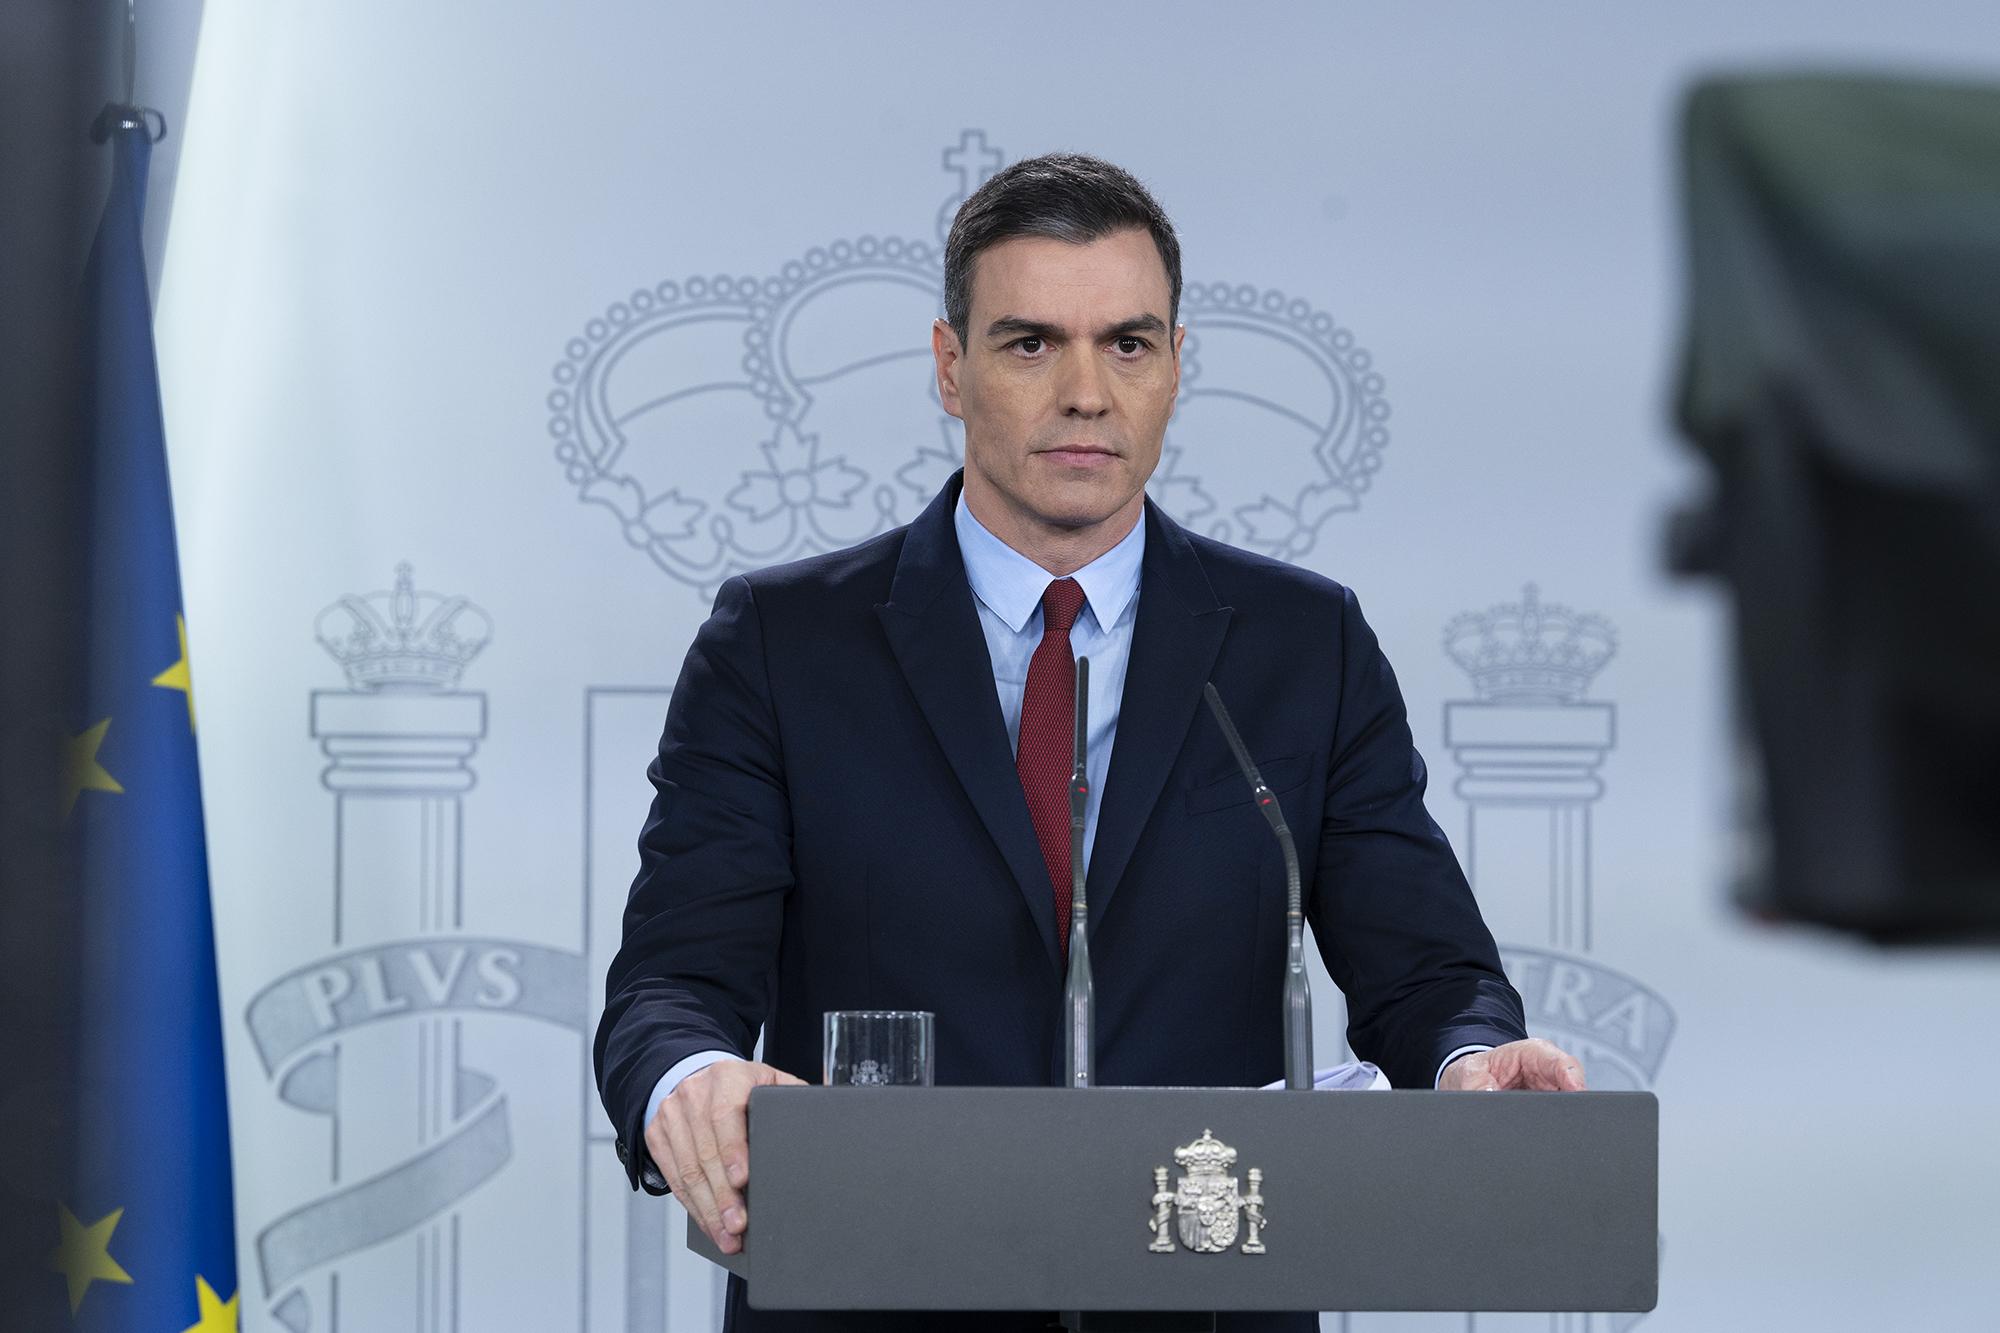 El Constitucional se prepara para tumbar el segundo estado de alarma. En la imagen, Pedro Sánchez, cuando anunció el primer estado de alarma el 14 de marzo de 2020. // Pool Moncloa